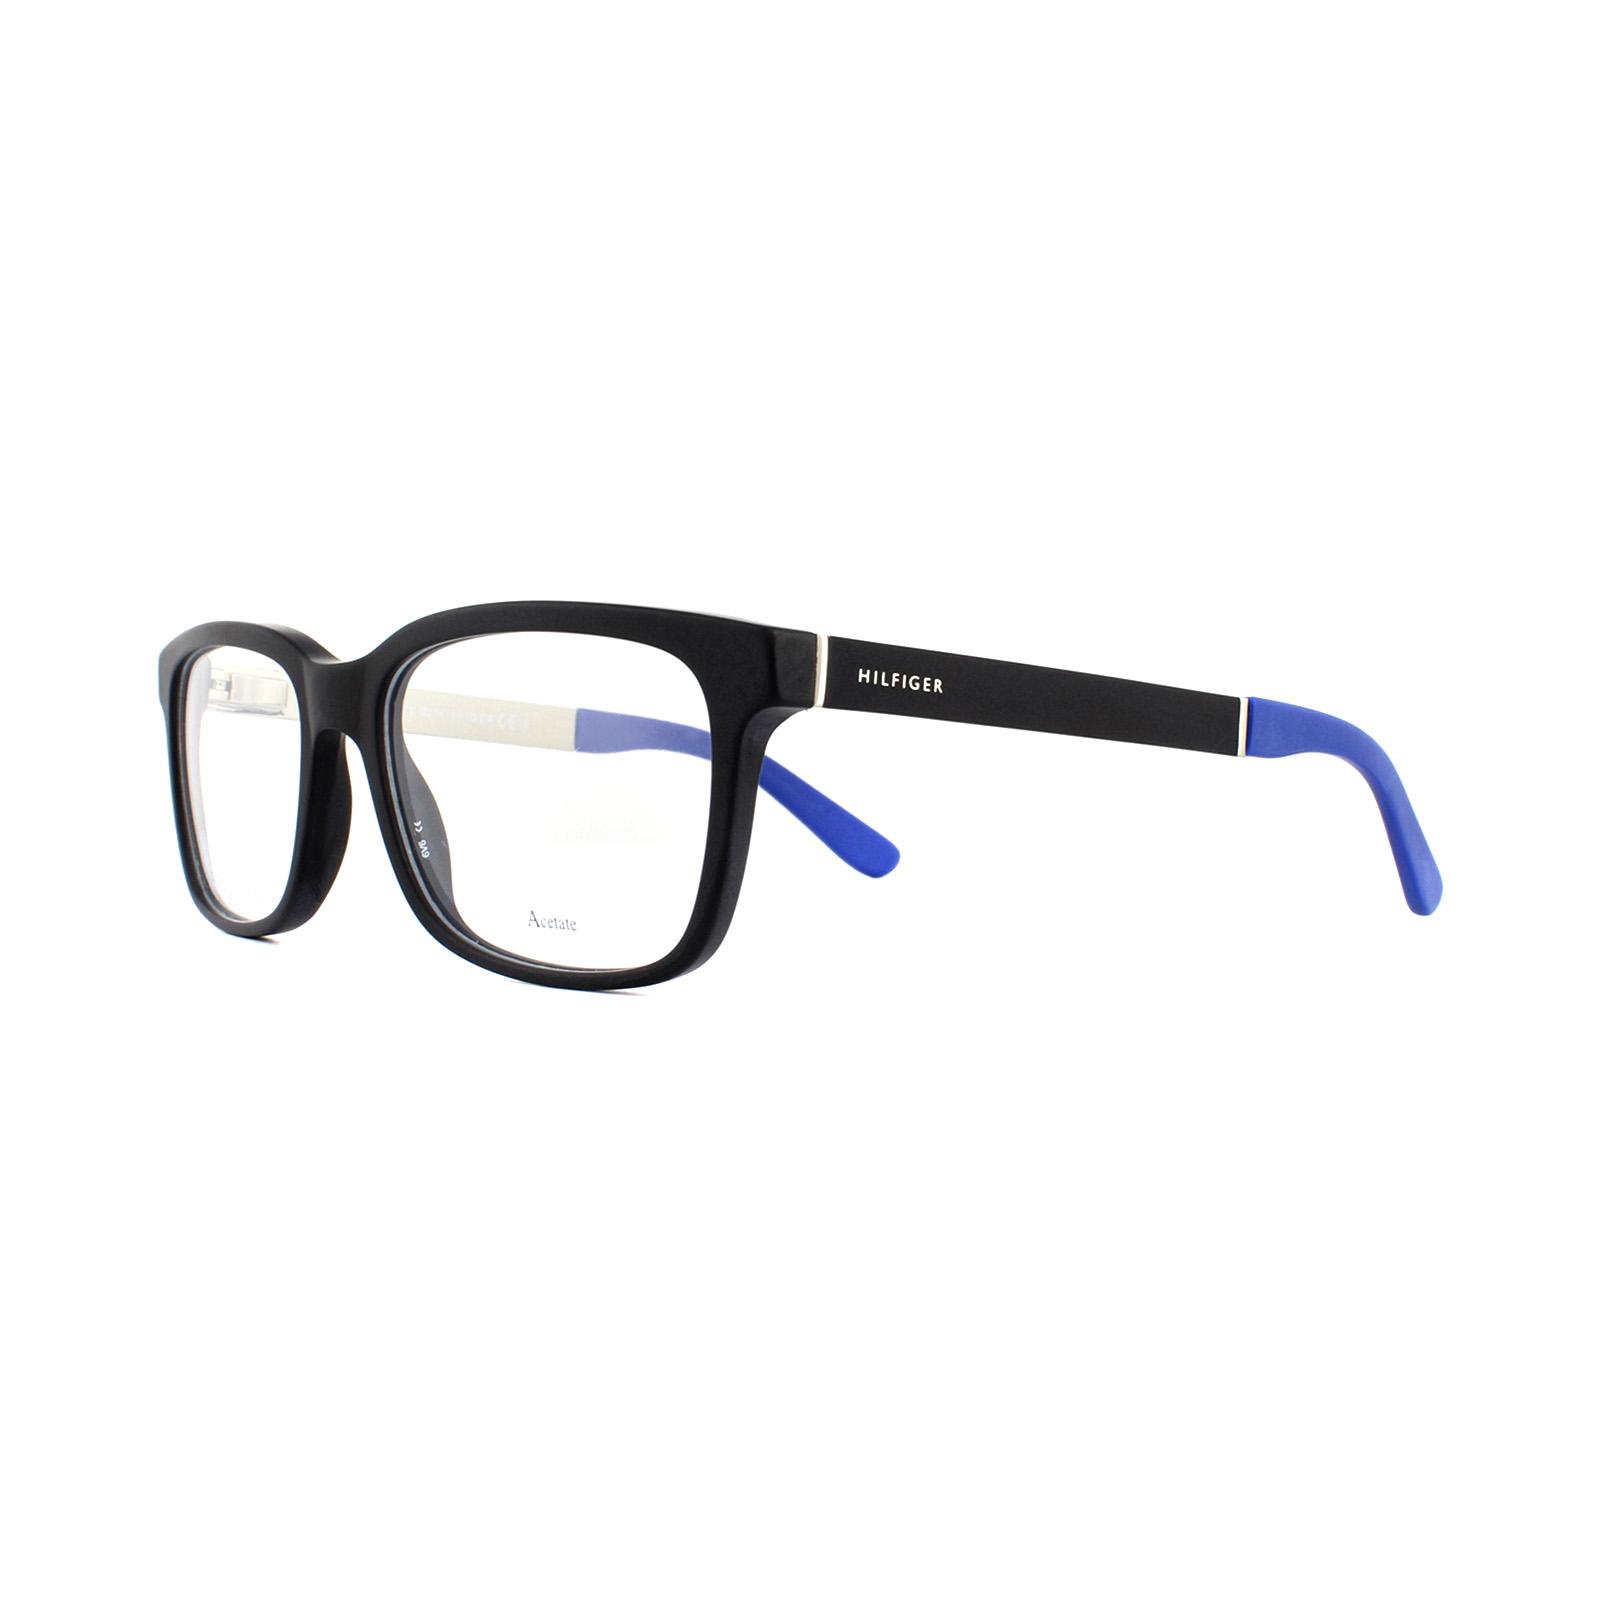 8e6e678b9e4 Sentinel Tommy Hilfiger Glasses Frames TH 1323 HXQ Matte Black 52mm